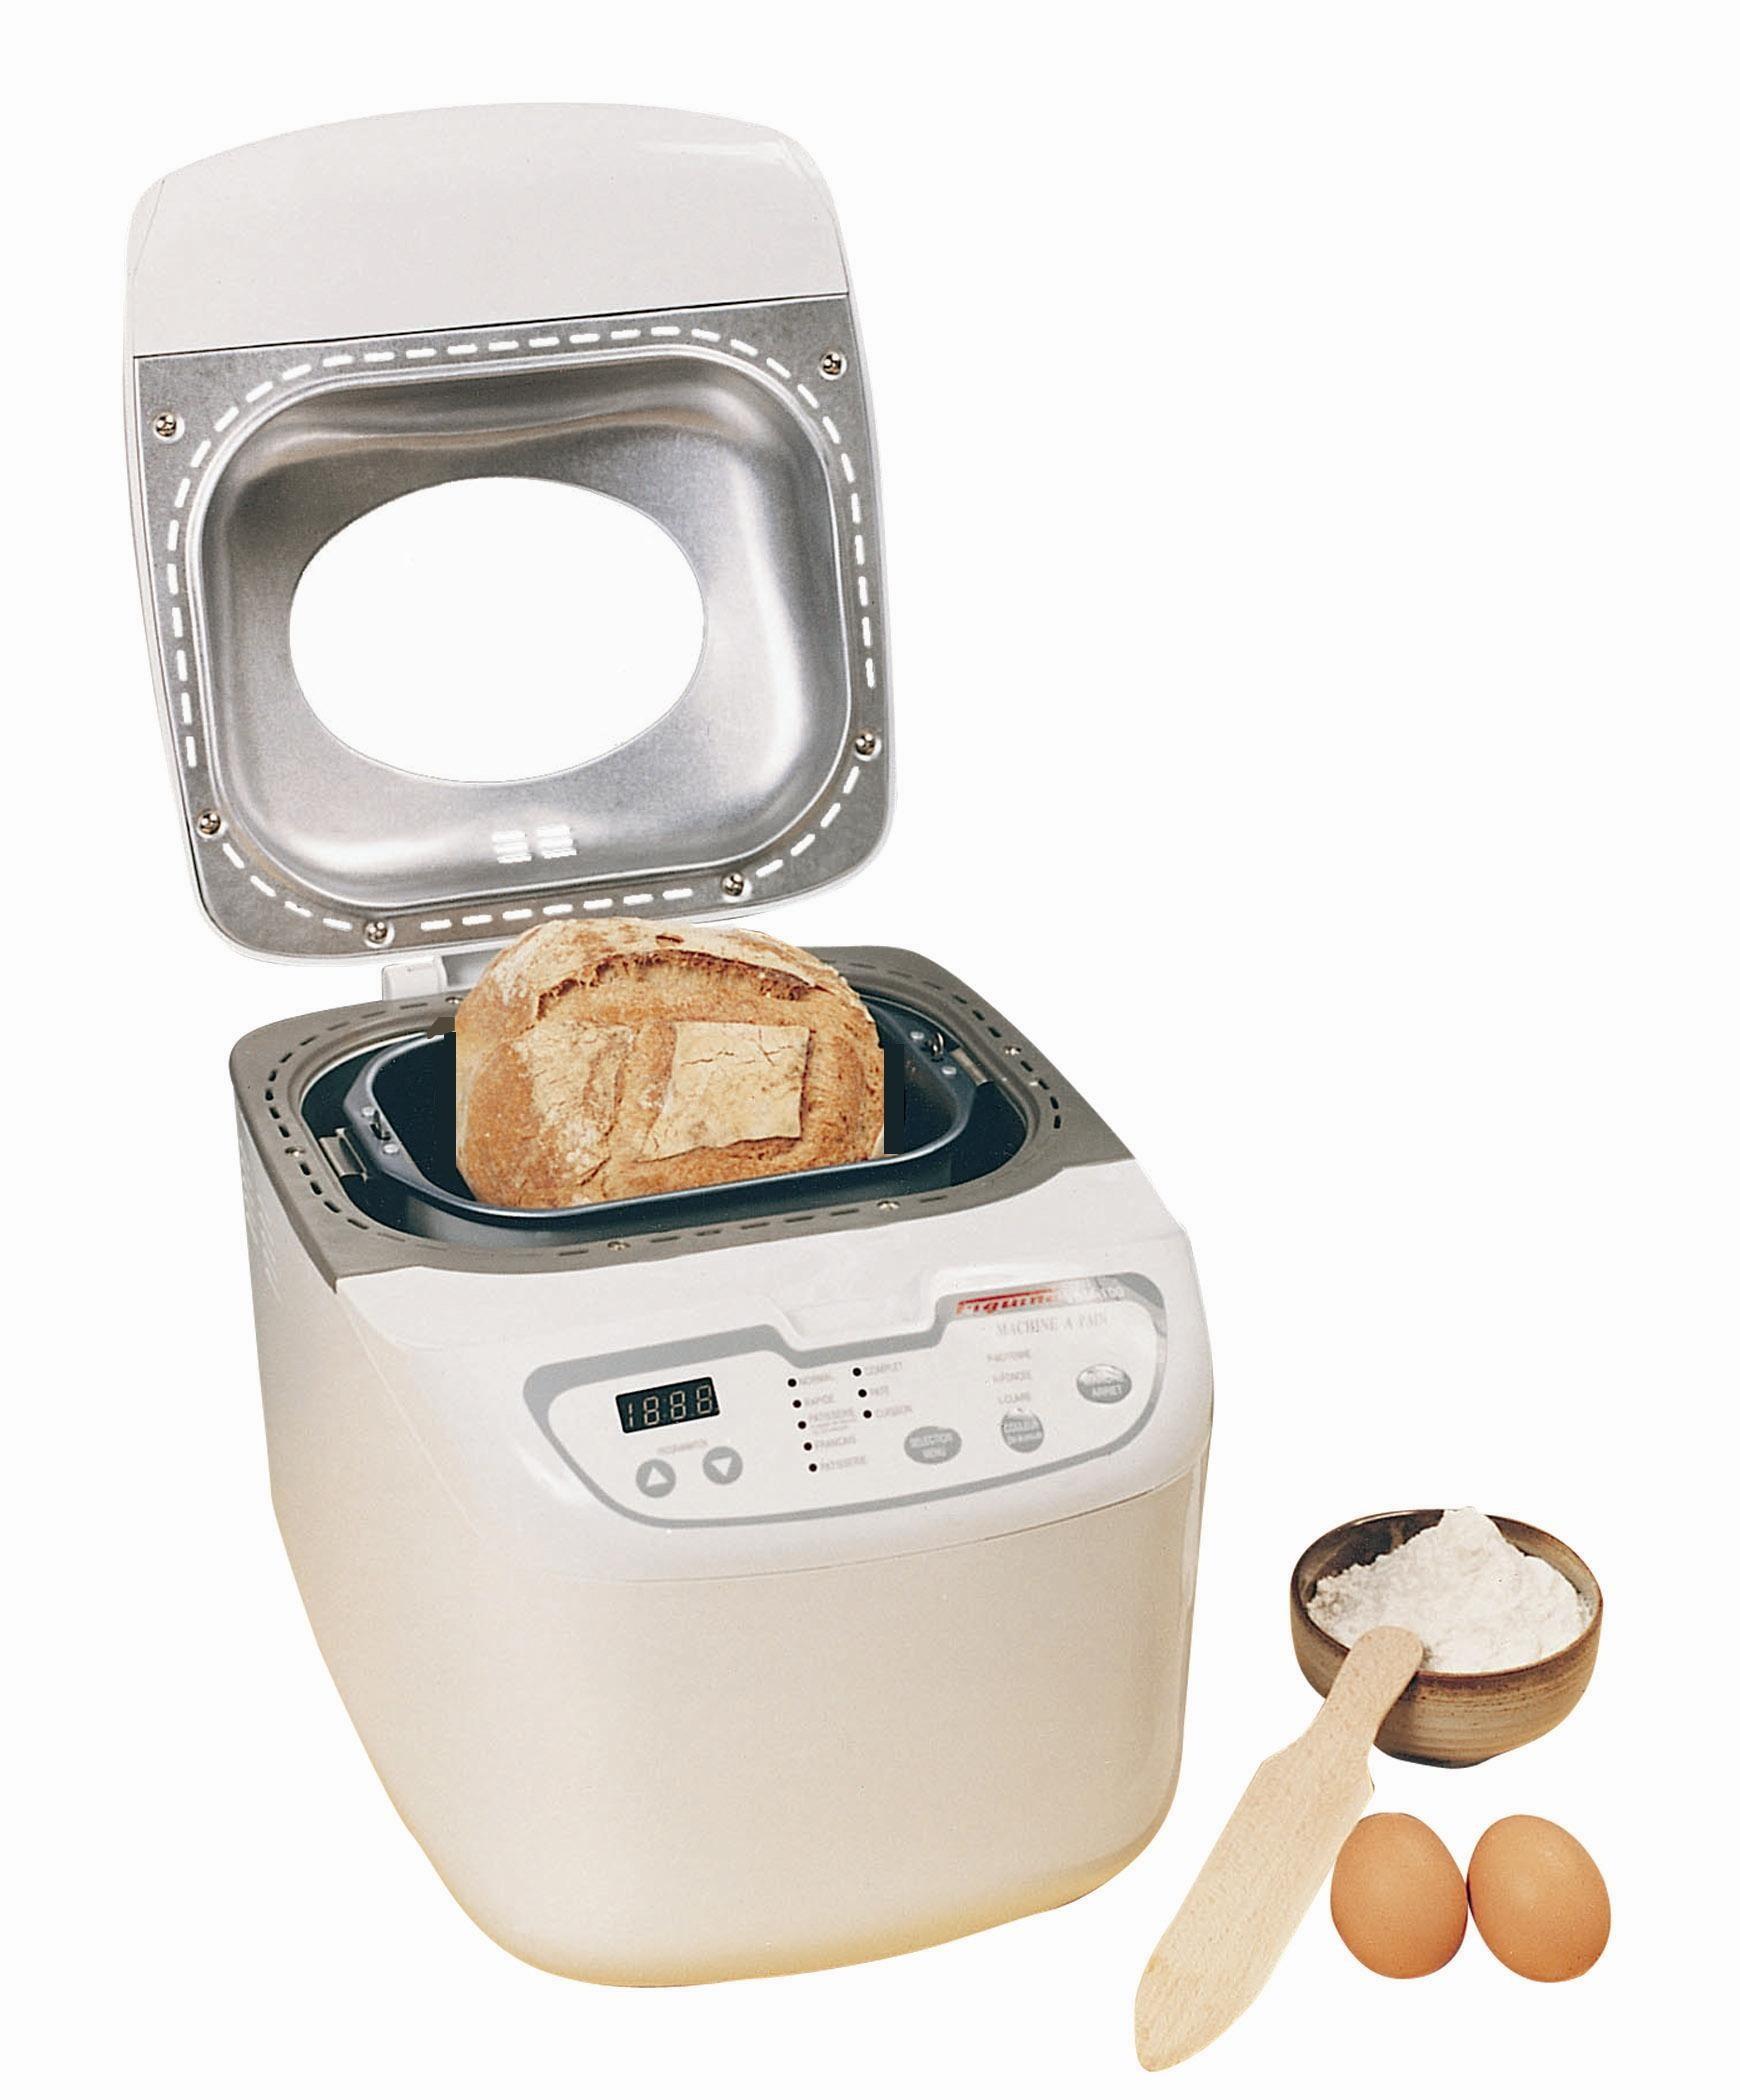 Machine faire le pain classic - Machine a pain boulanger ...